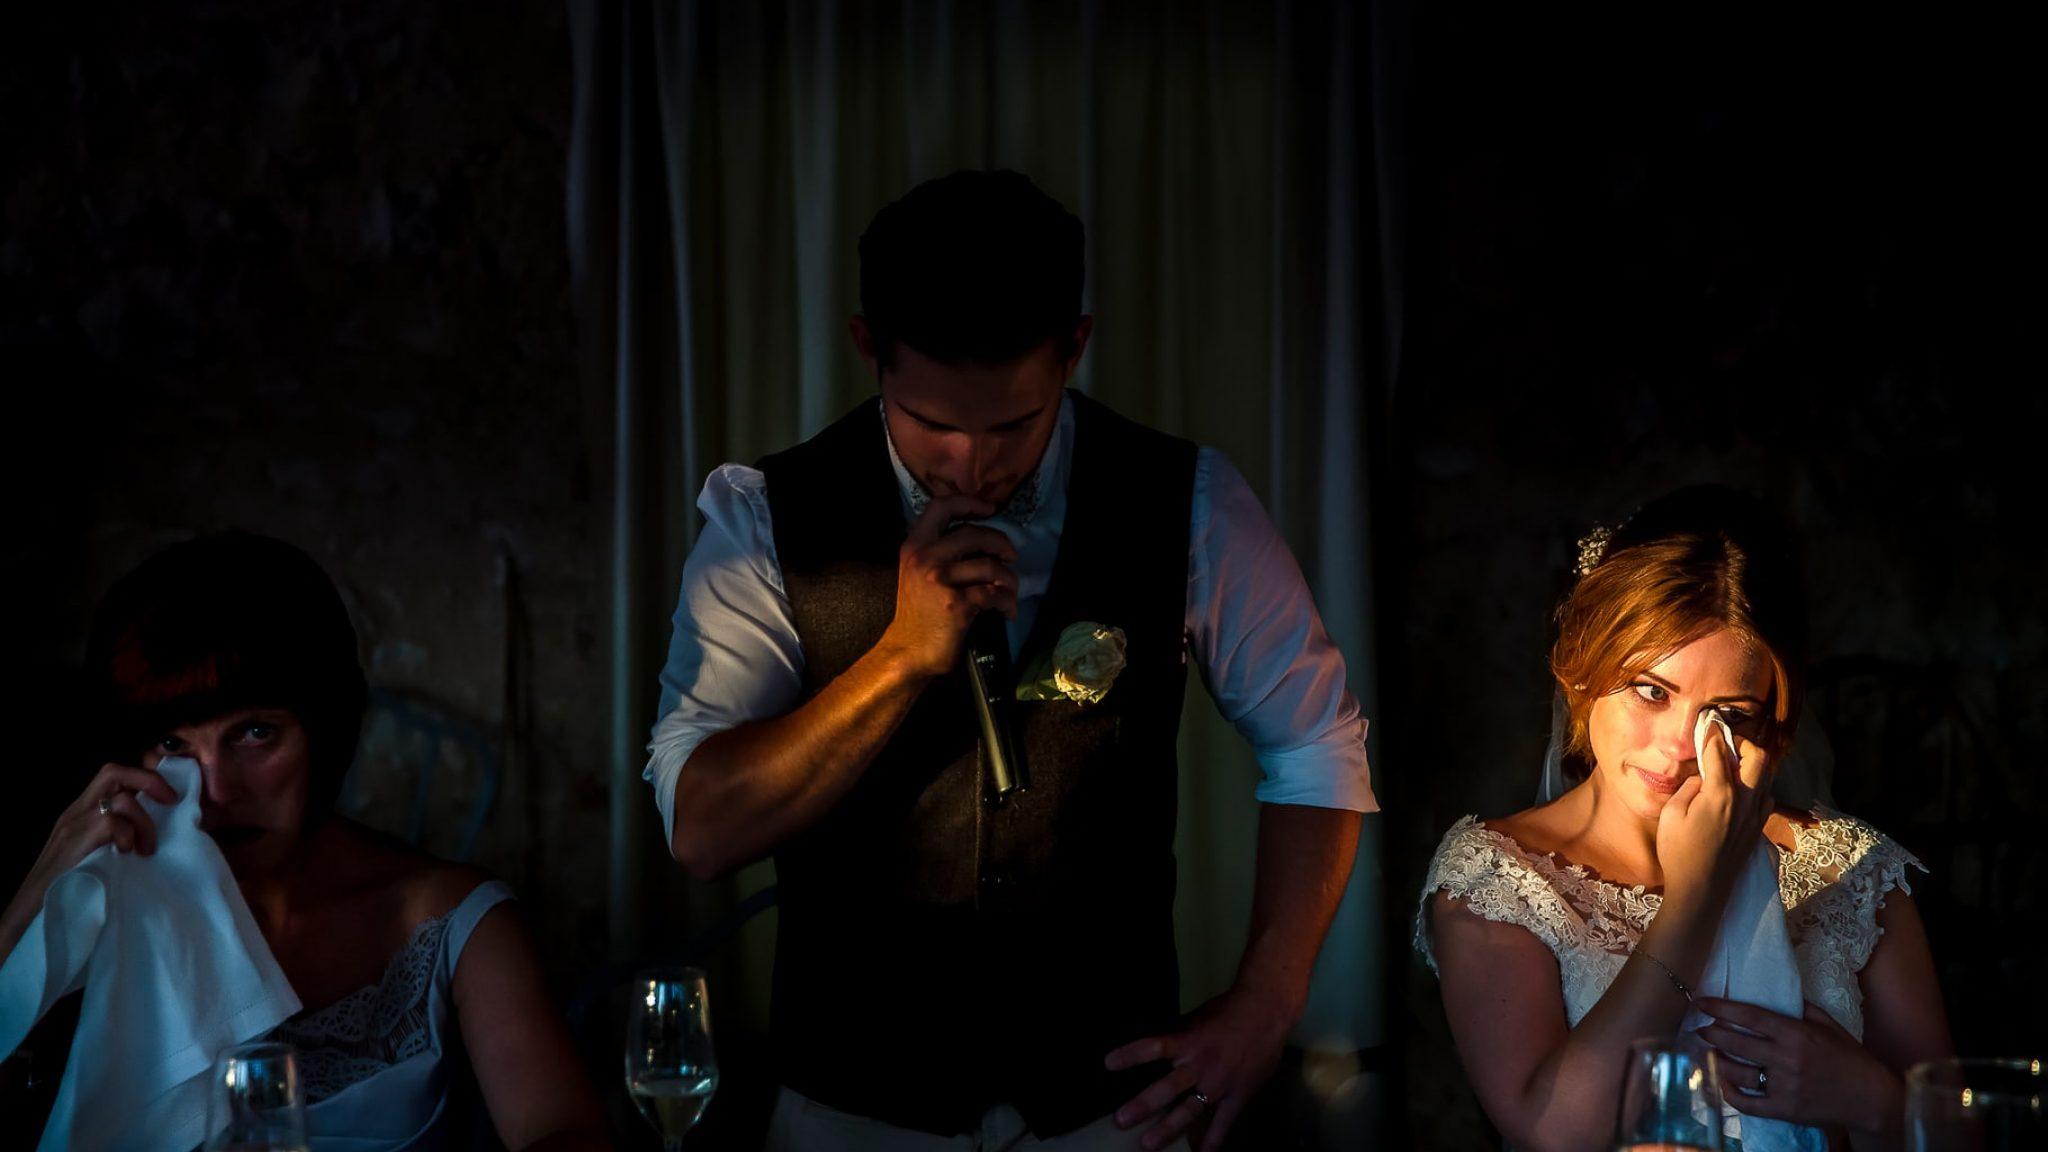 matrimonio al borgo della marmotta raggio di luce che illumina il viso emozionato della sposa durante il discorso dello sposo